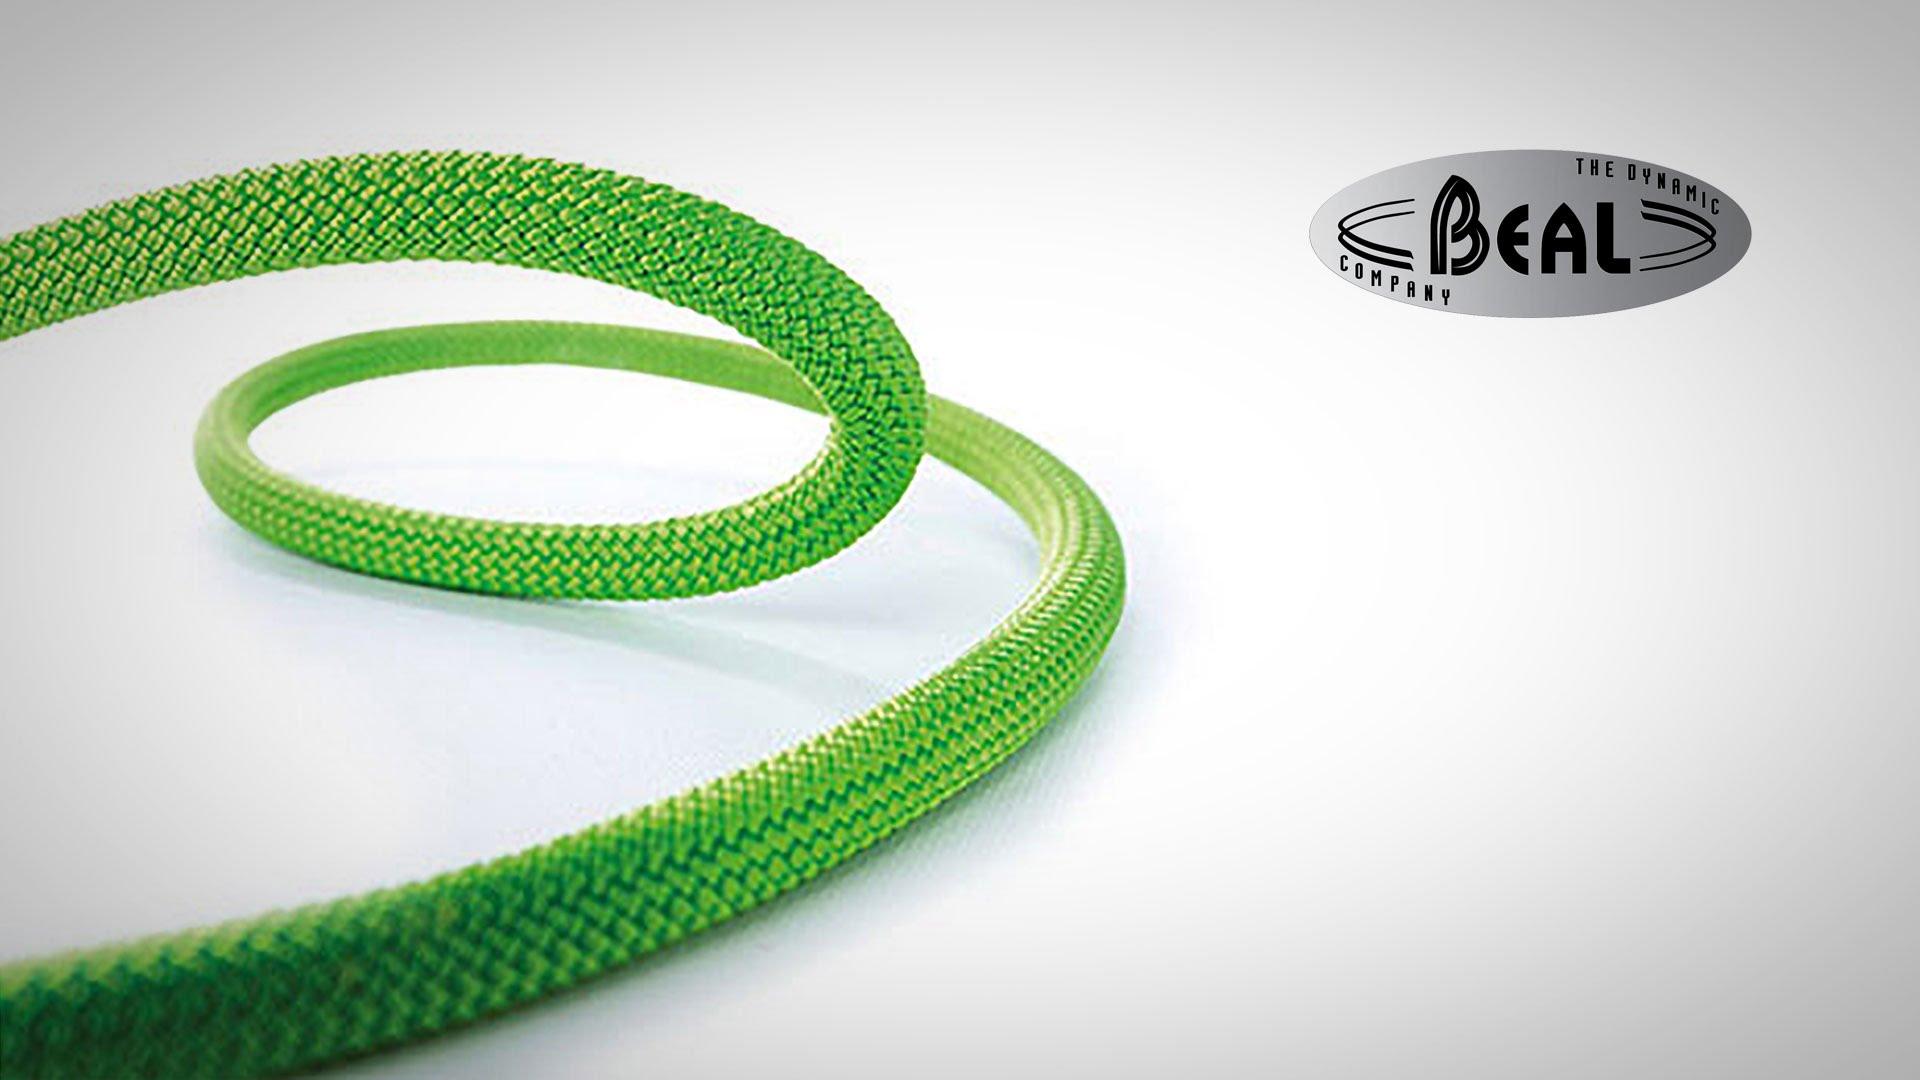 Beal: corde e attrezzatura per l'arrampicata - Oliunìd is brand